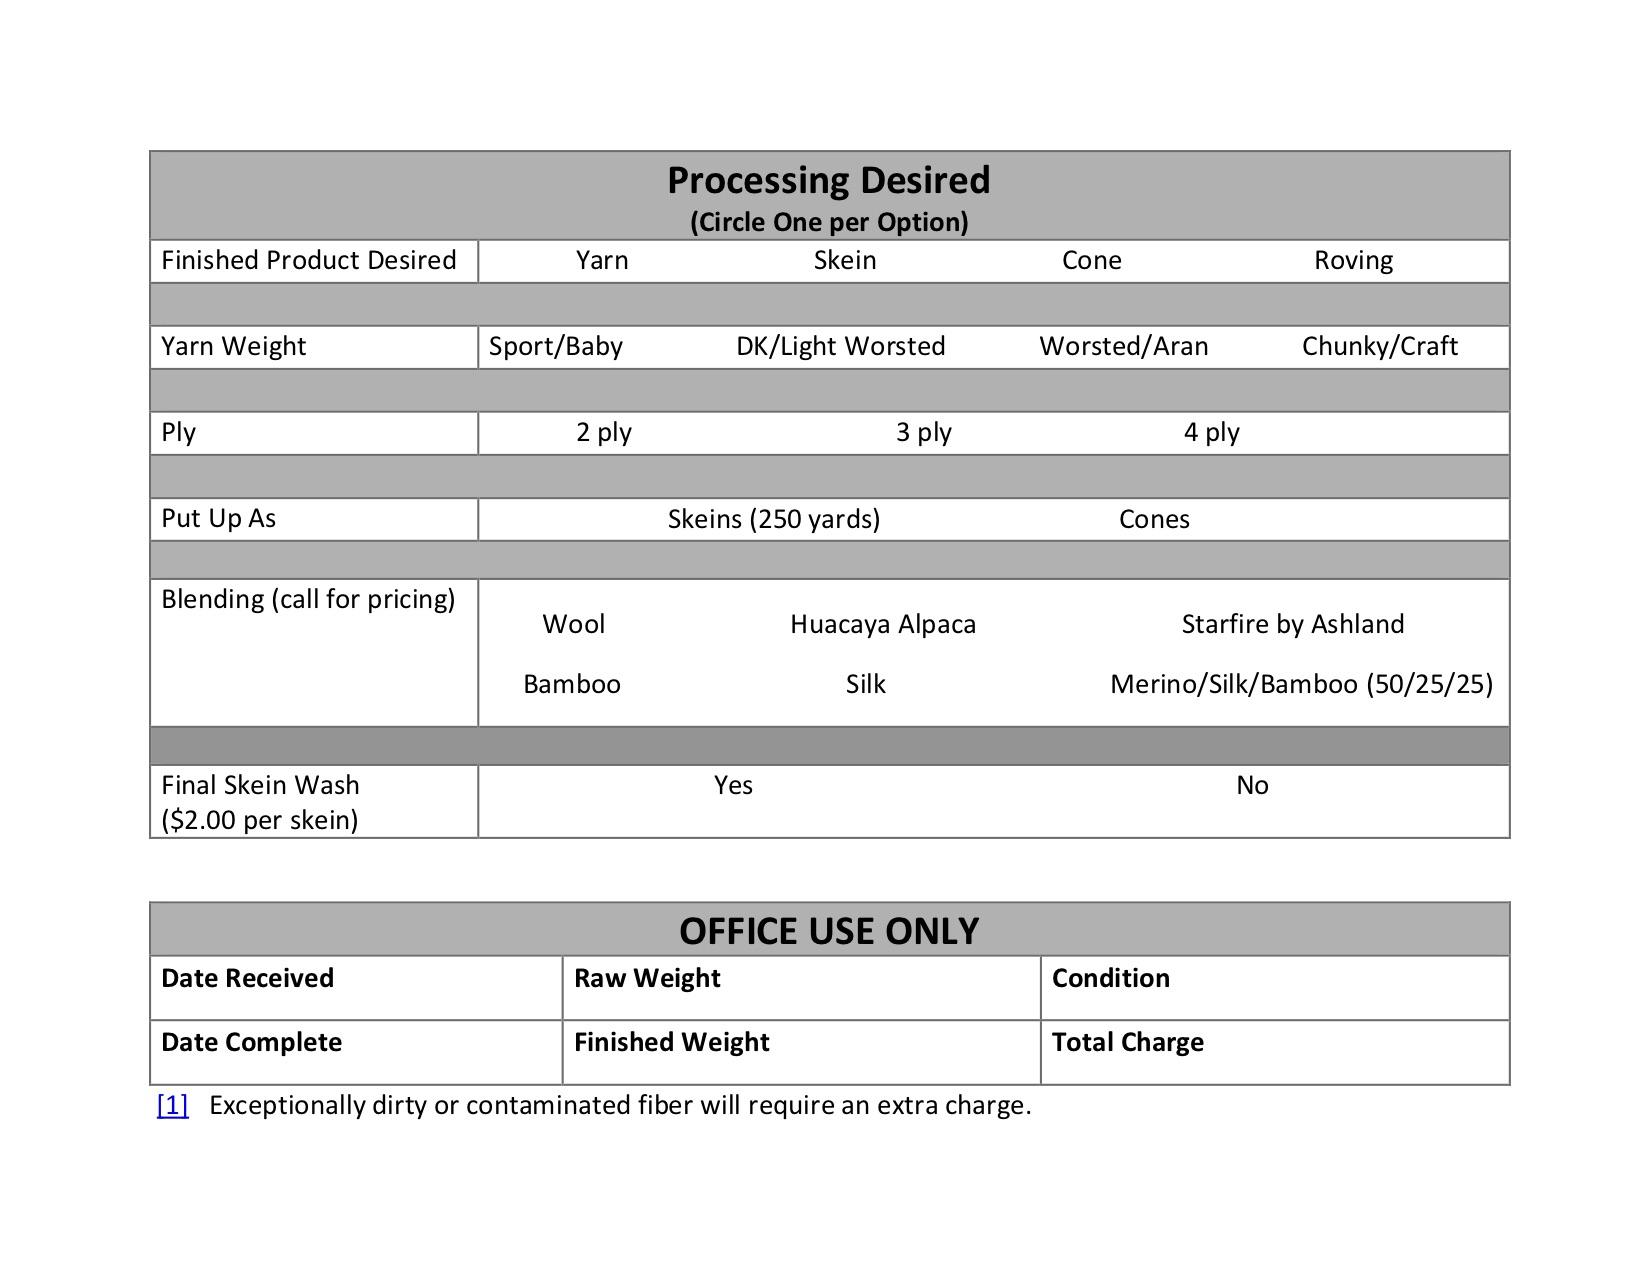 fiber-processing-form2.jpg